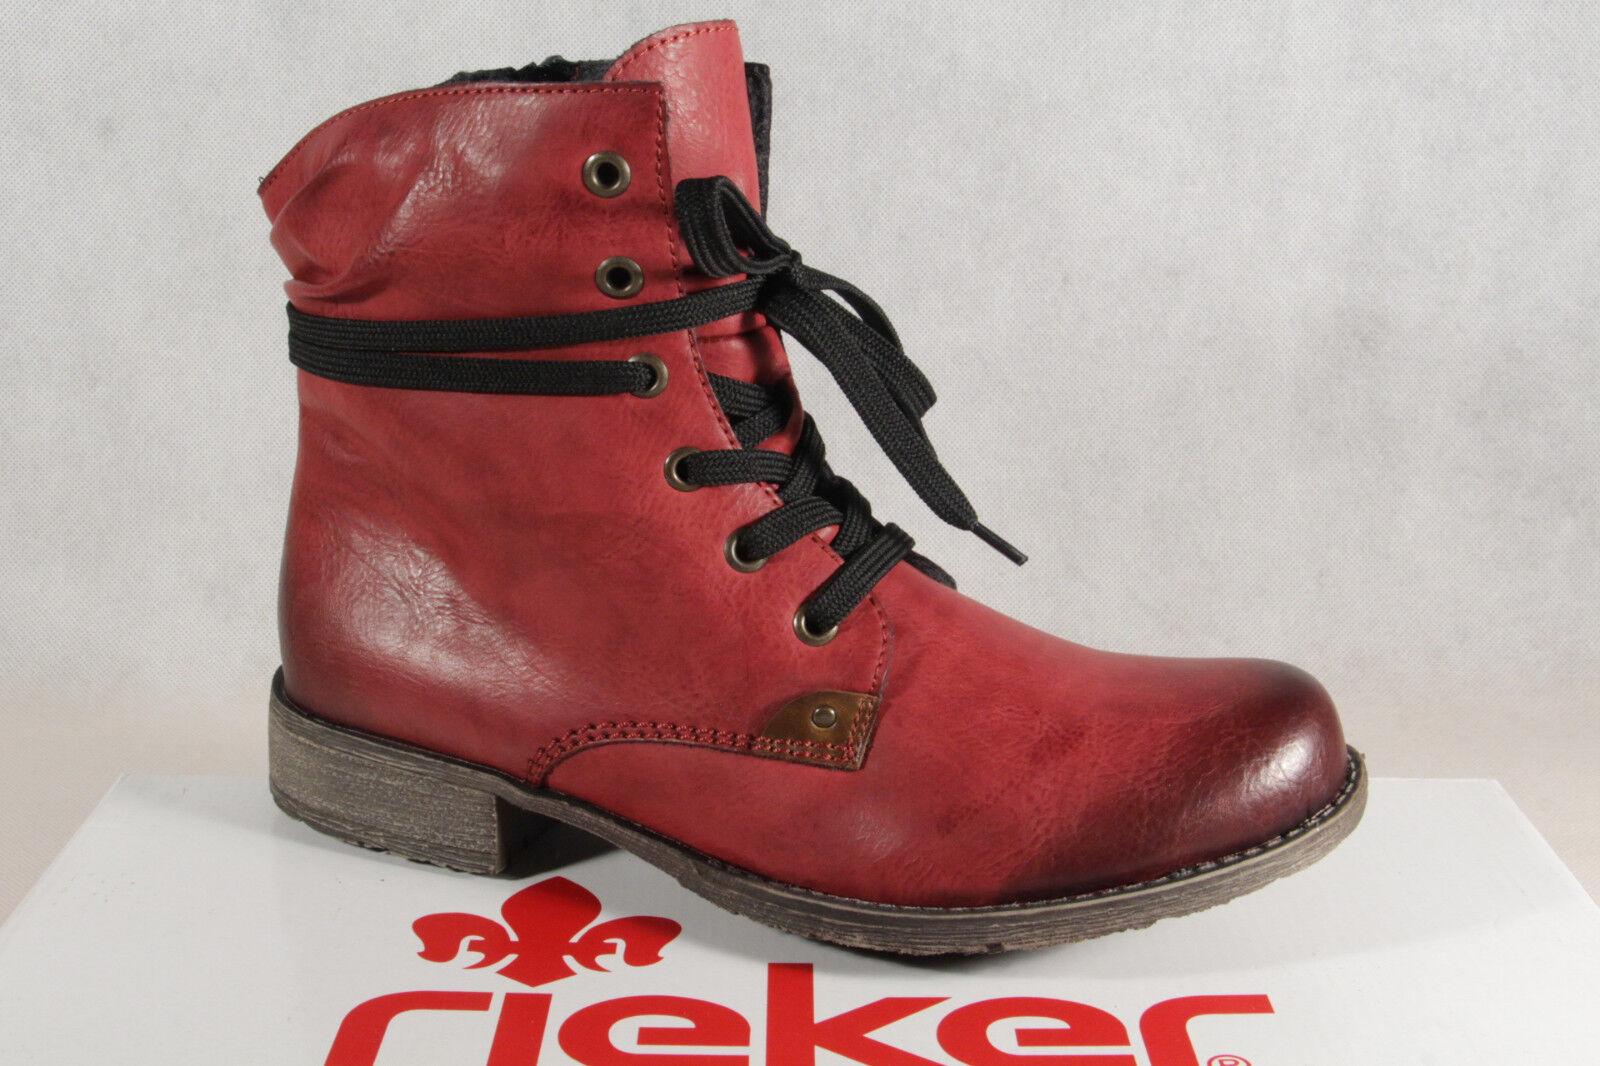 Rieker Bottes pour Femme Bottines Bottes à Lacets Bottes Rouge 70829 Neuf